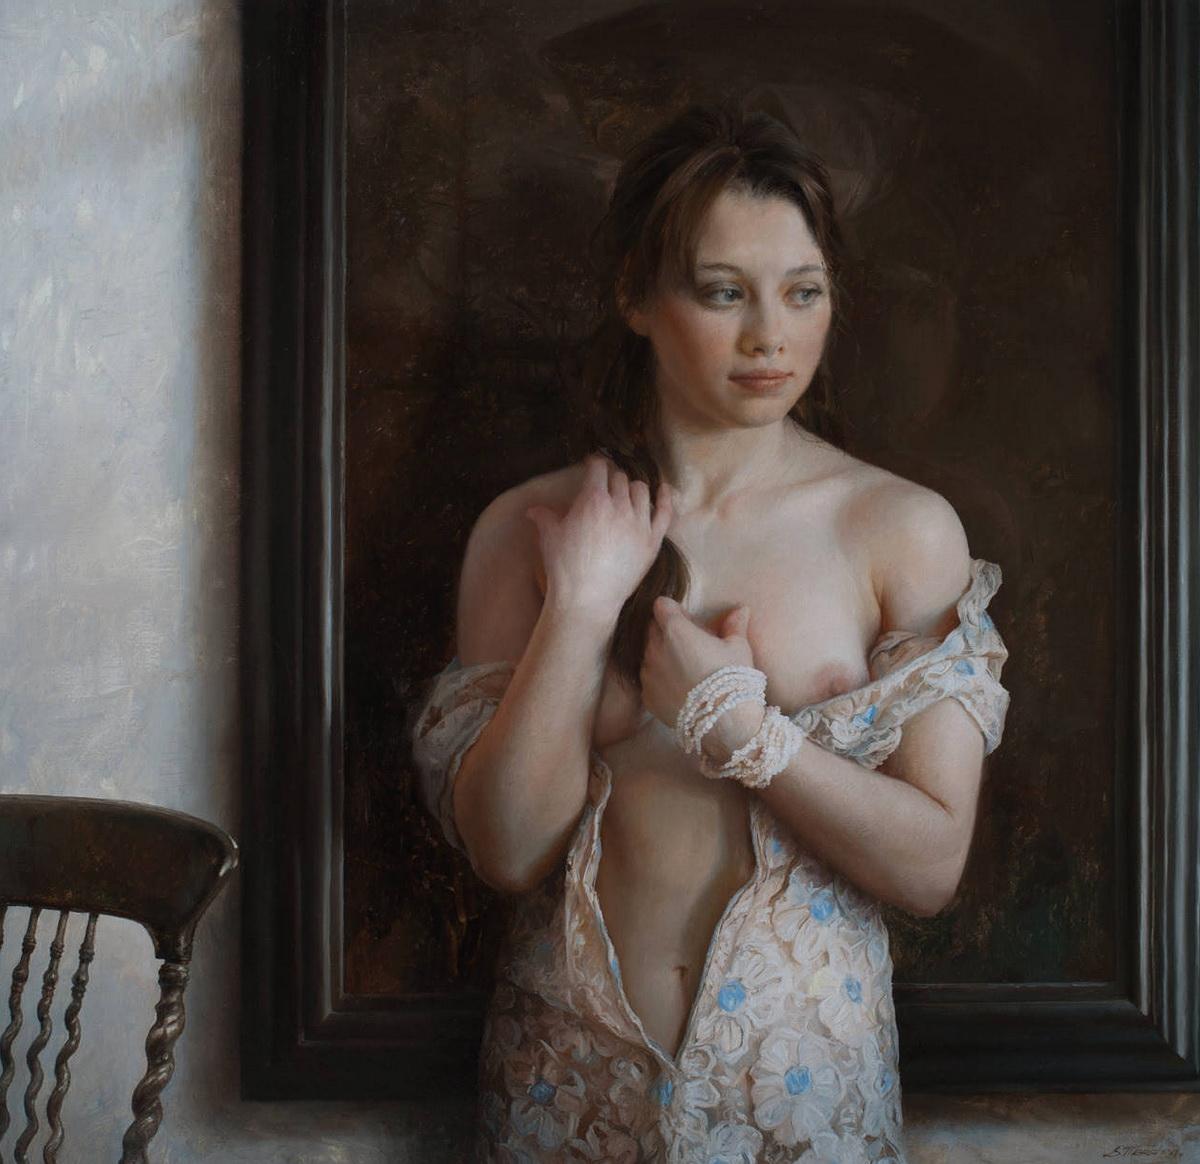 Обнаженные Девушки В Картинах Русских Художников